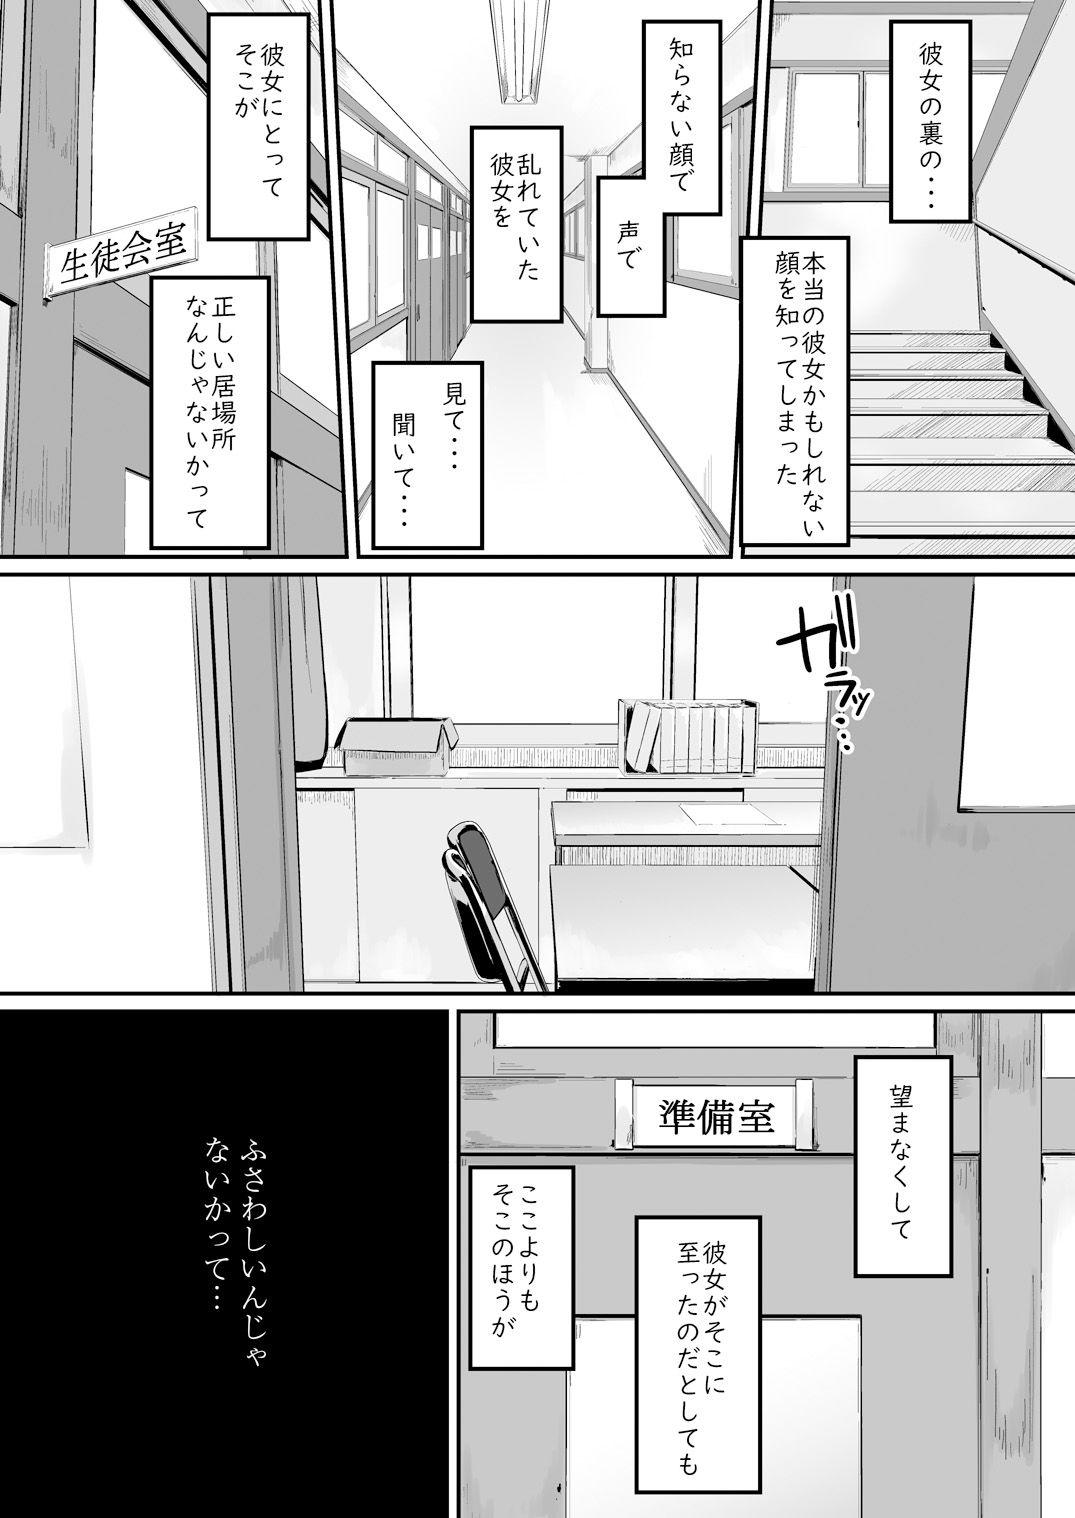 [三崎 (田スケ)] オキナグサ 狂咲 サンプル画像 04